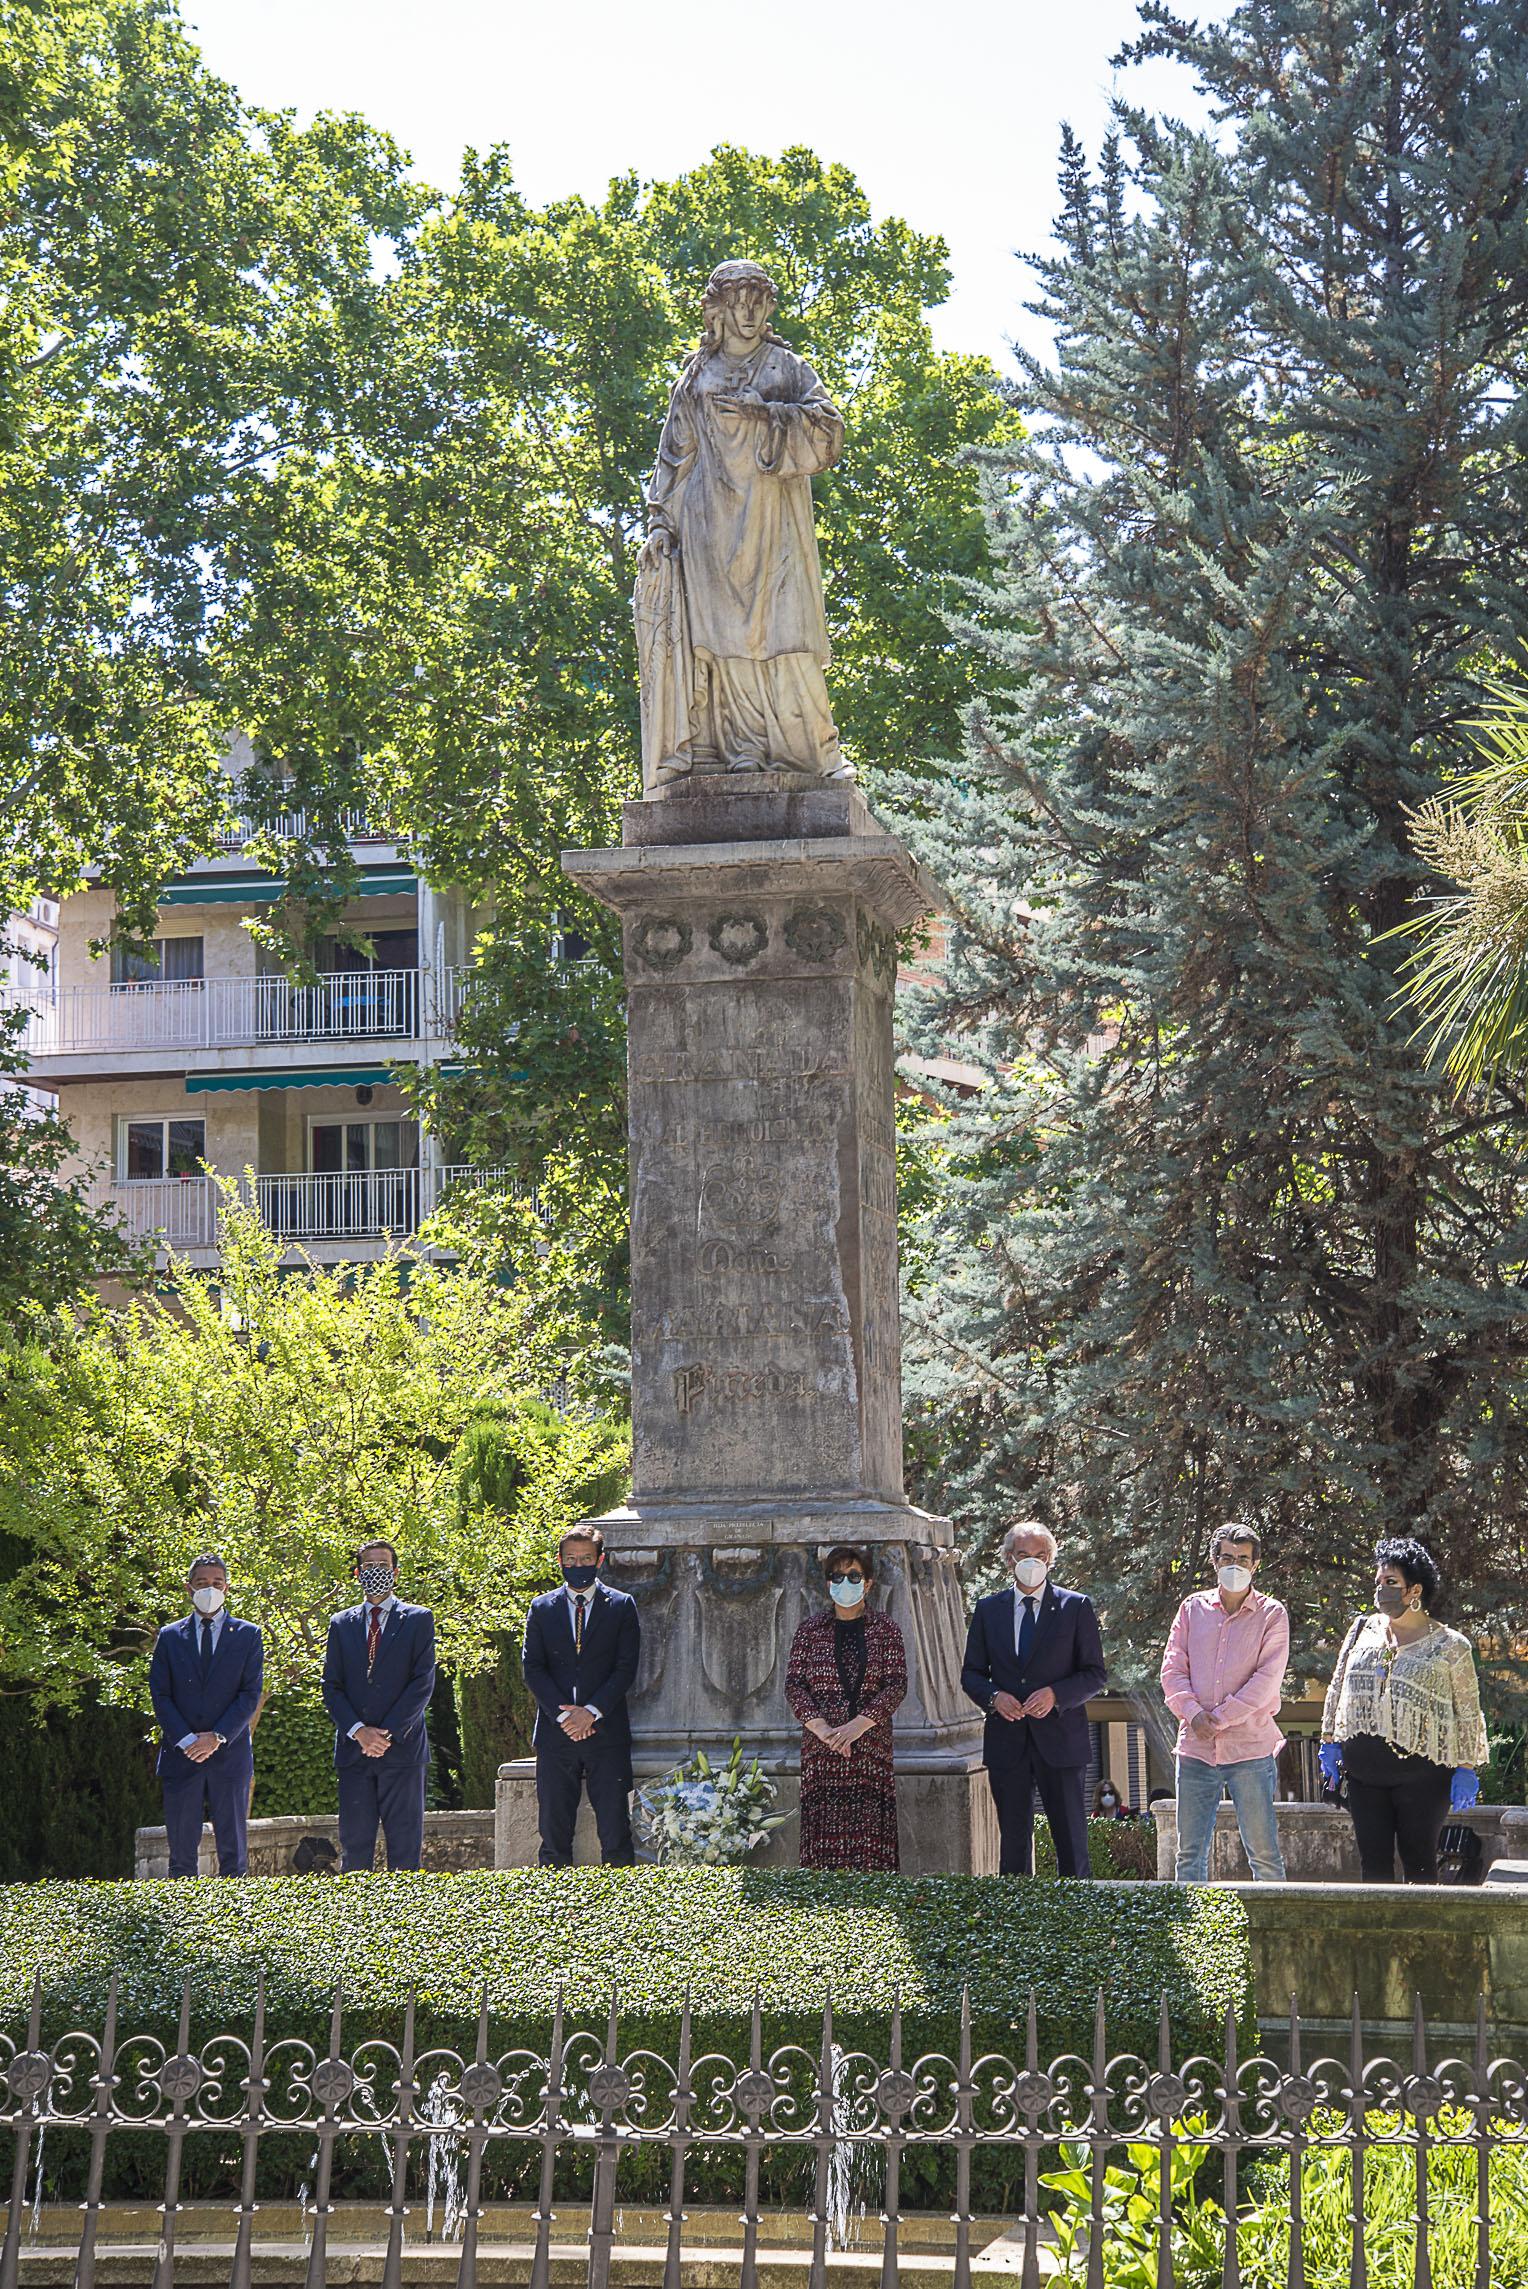 Granada homenaje a Mariana Pineda en el 189 aniversario de su ejecución